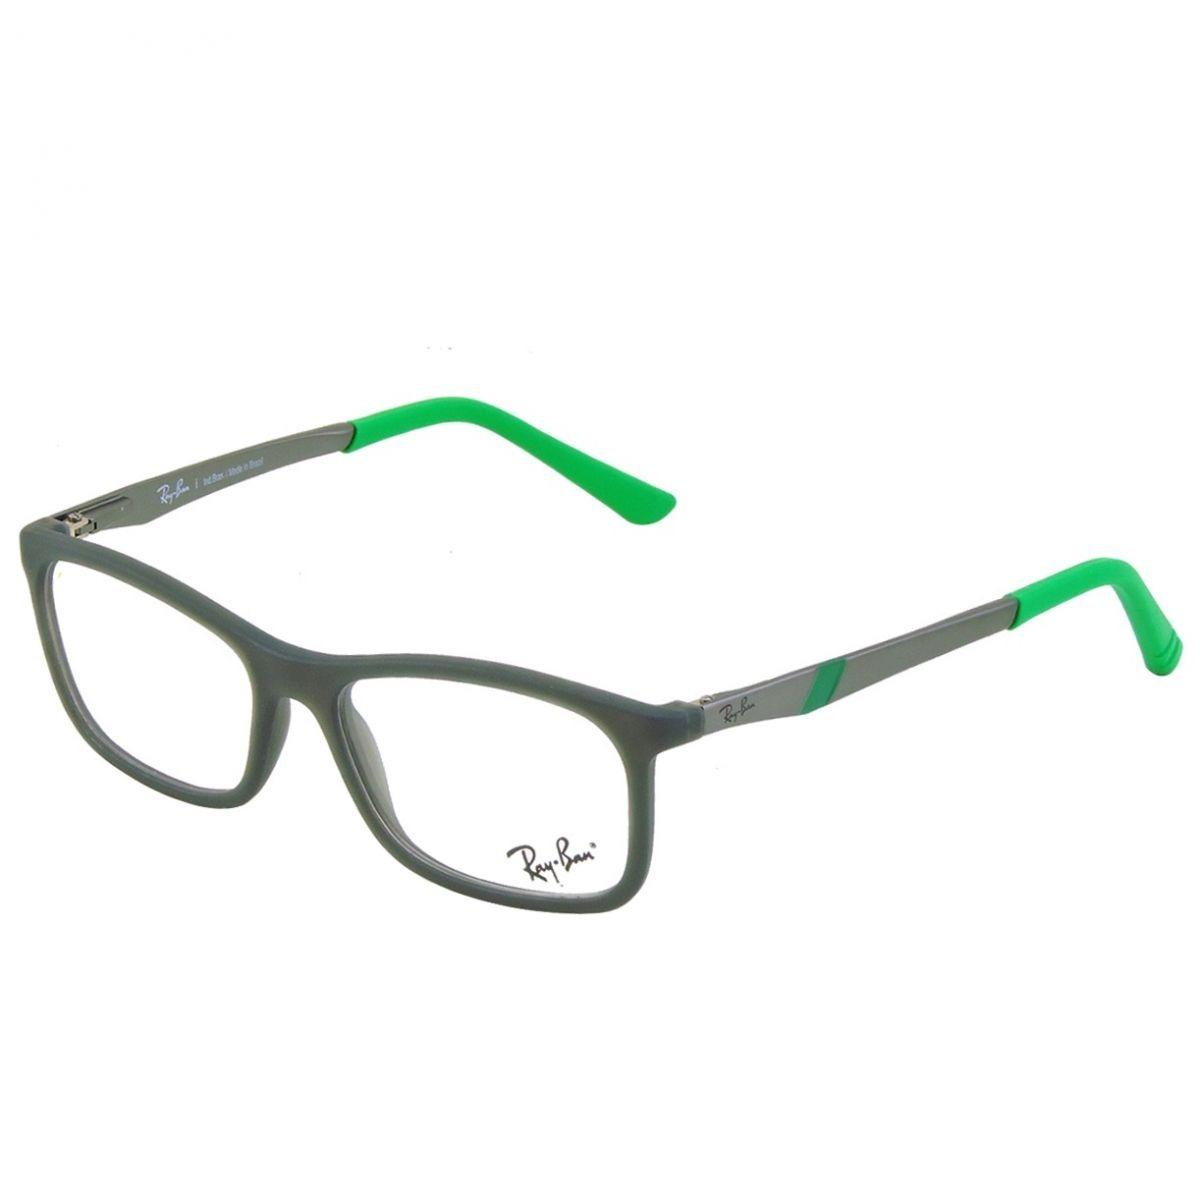 6362fb0e34c11 Armação Óculos De Grau Infantil Ray-ban Rb1538l 3683 - R  279